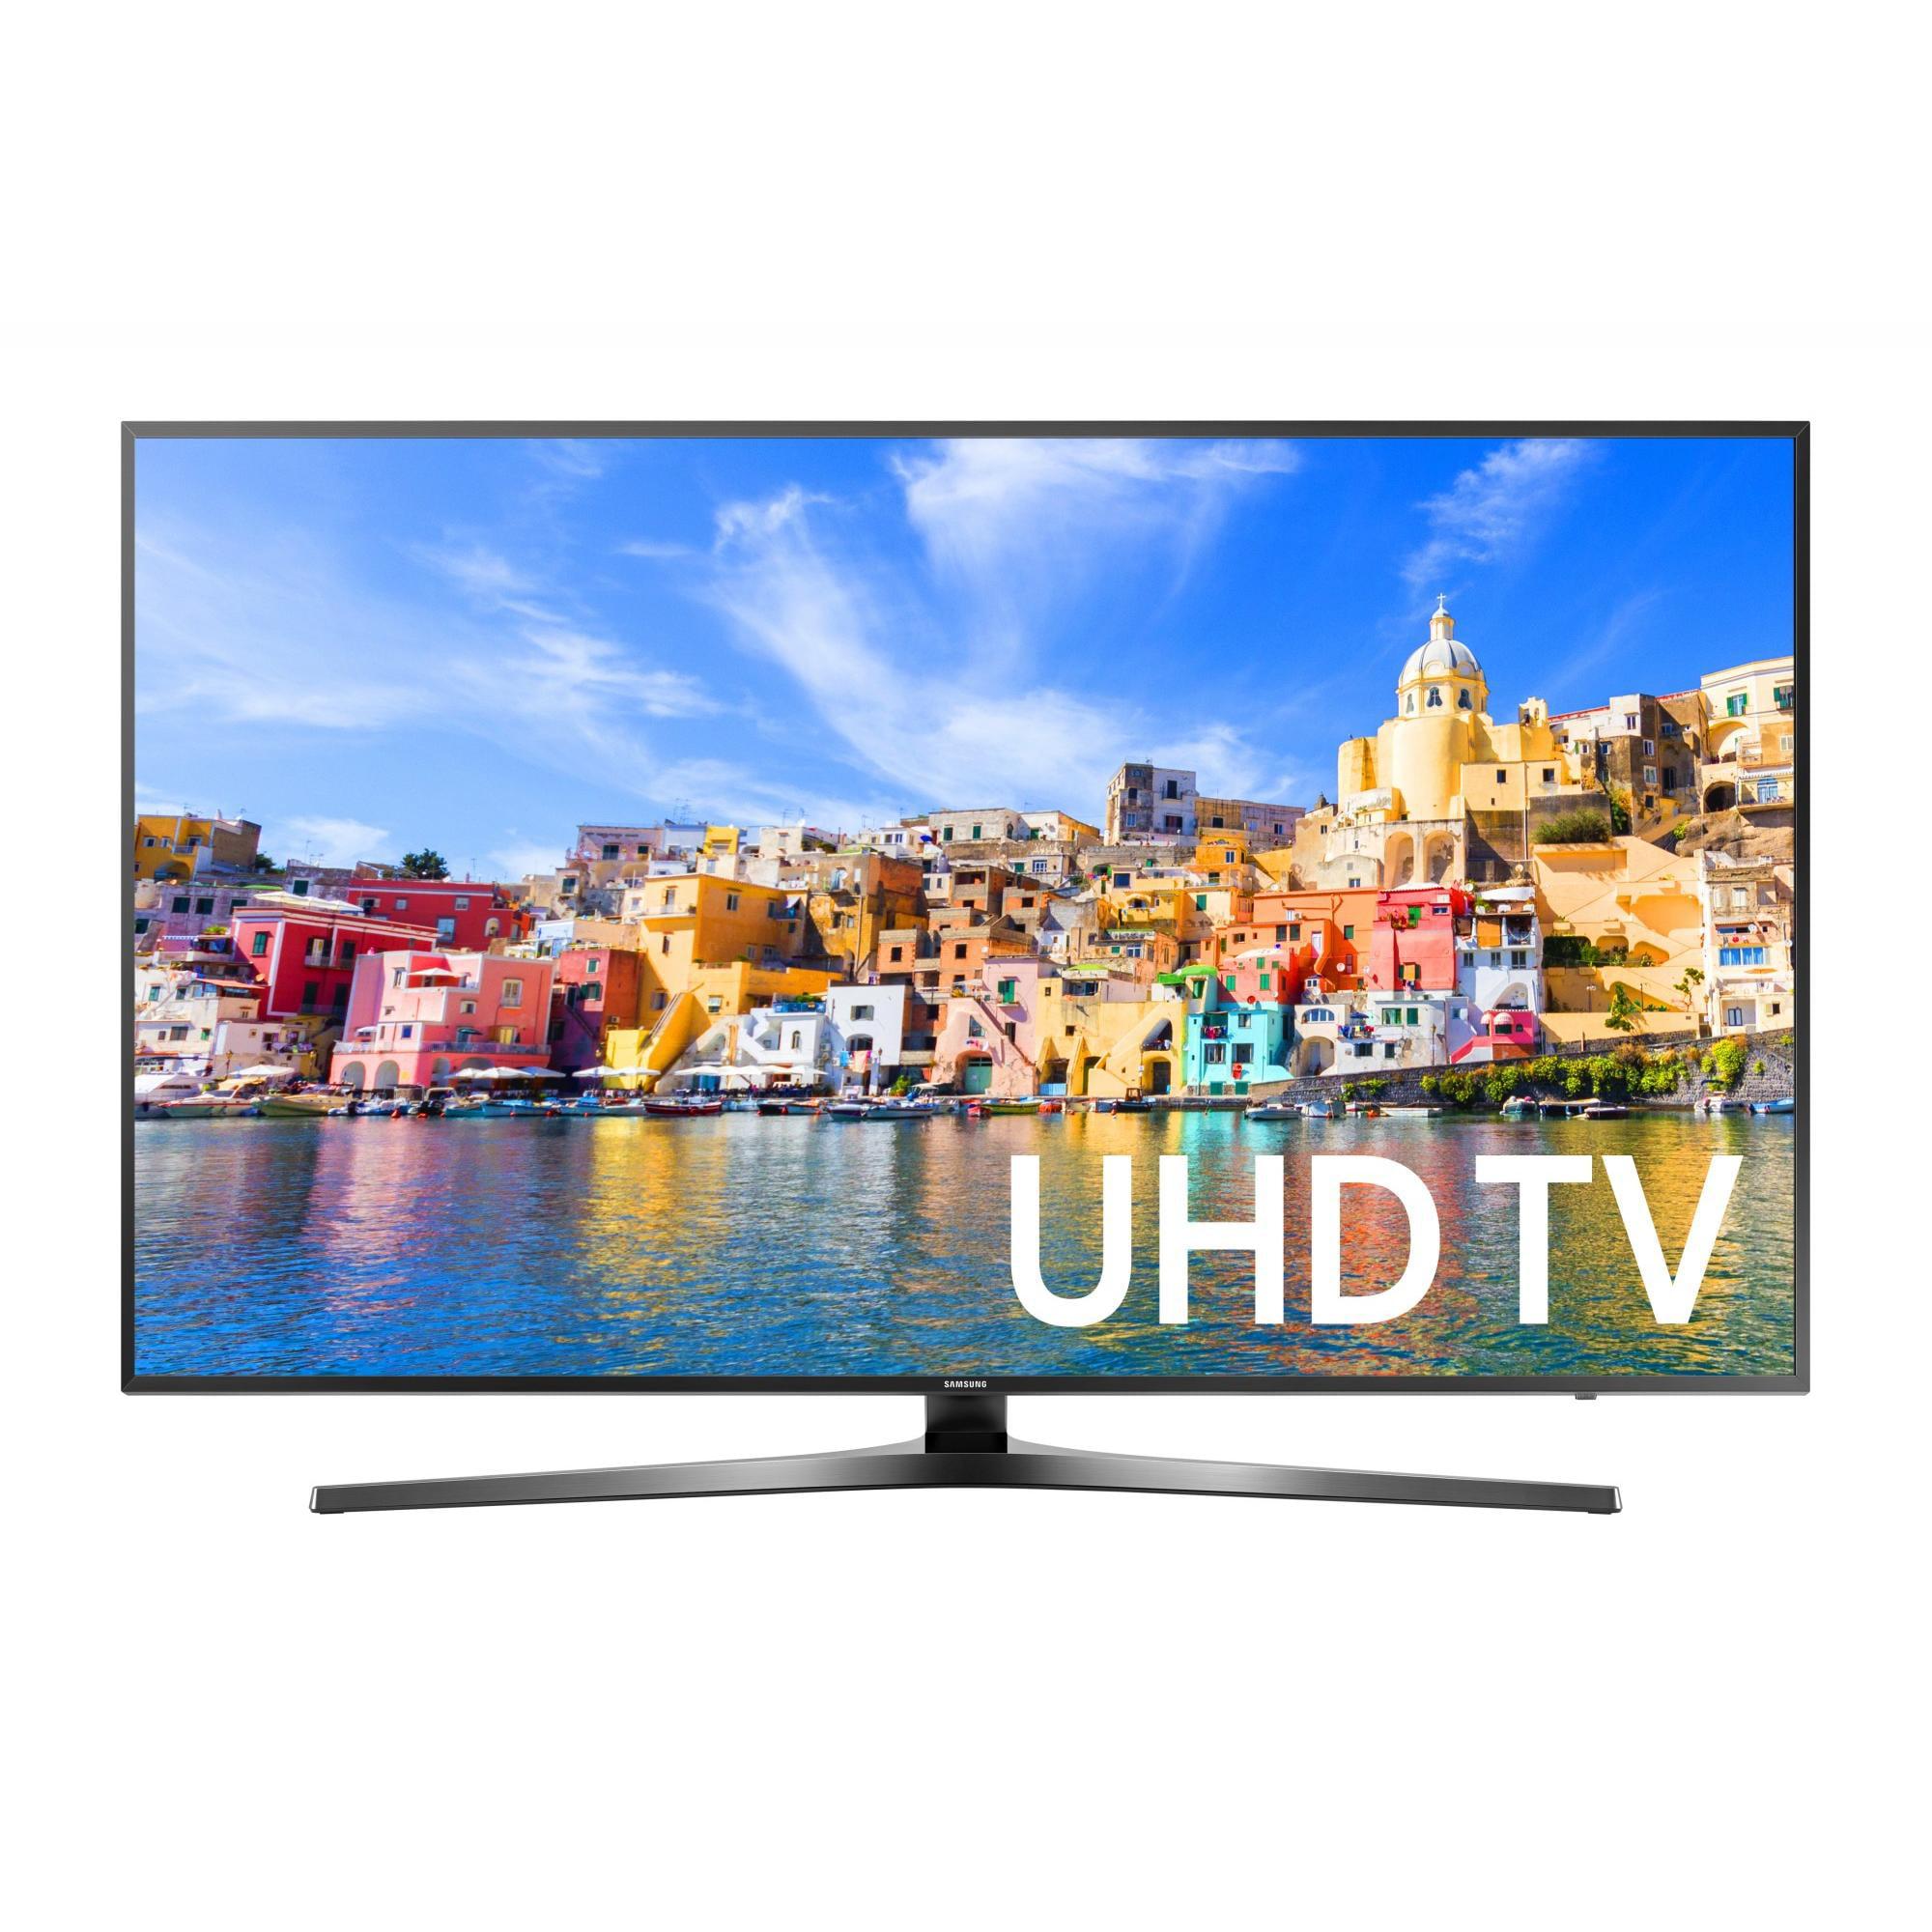 """SAMSUNG 49"""" 7000 Series - 4K Ultra HD Smart LED TV - 2160p, 120MR (Model#: UN49KU7000)"""